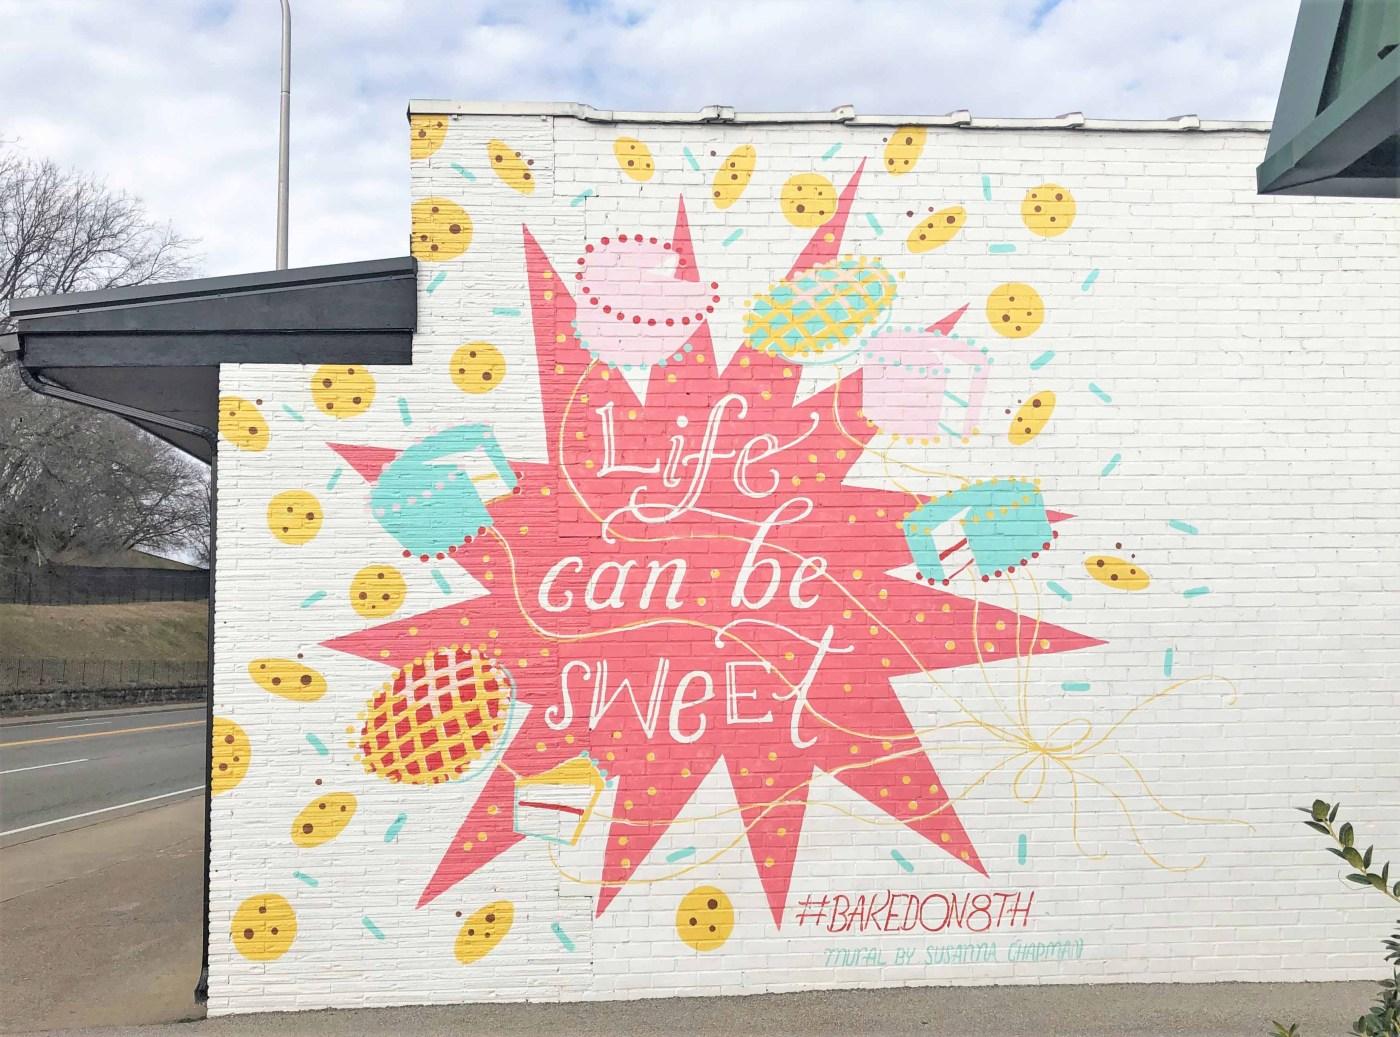 Baked on Eighth mural street art Nashville